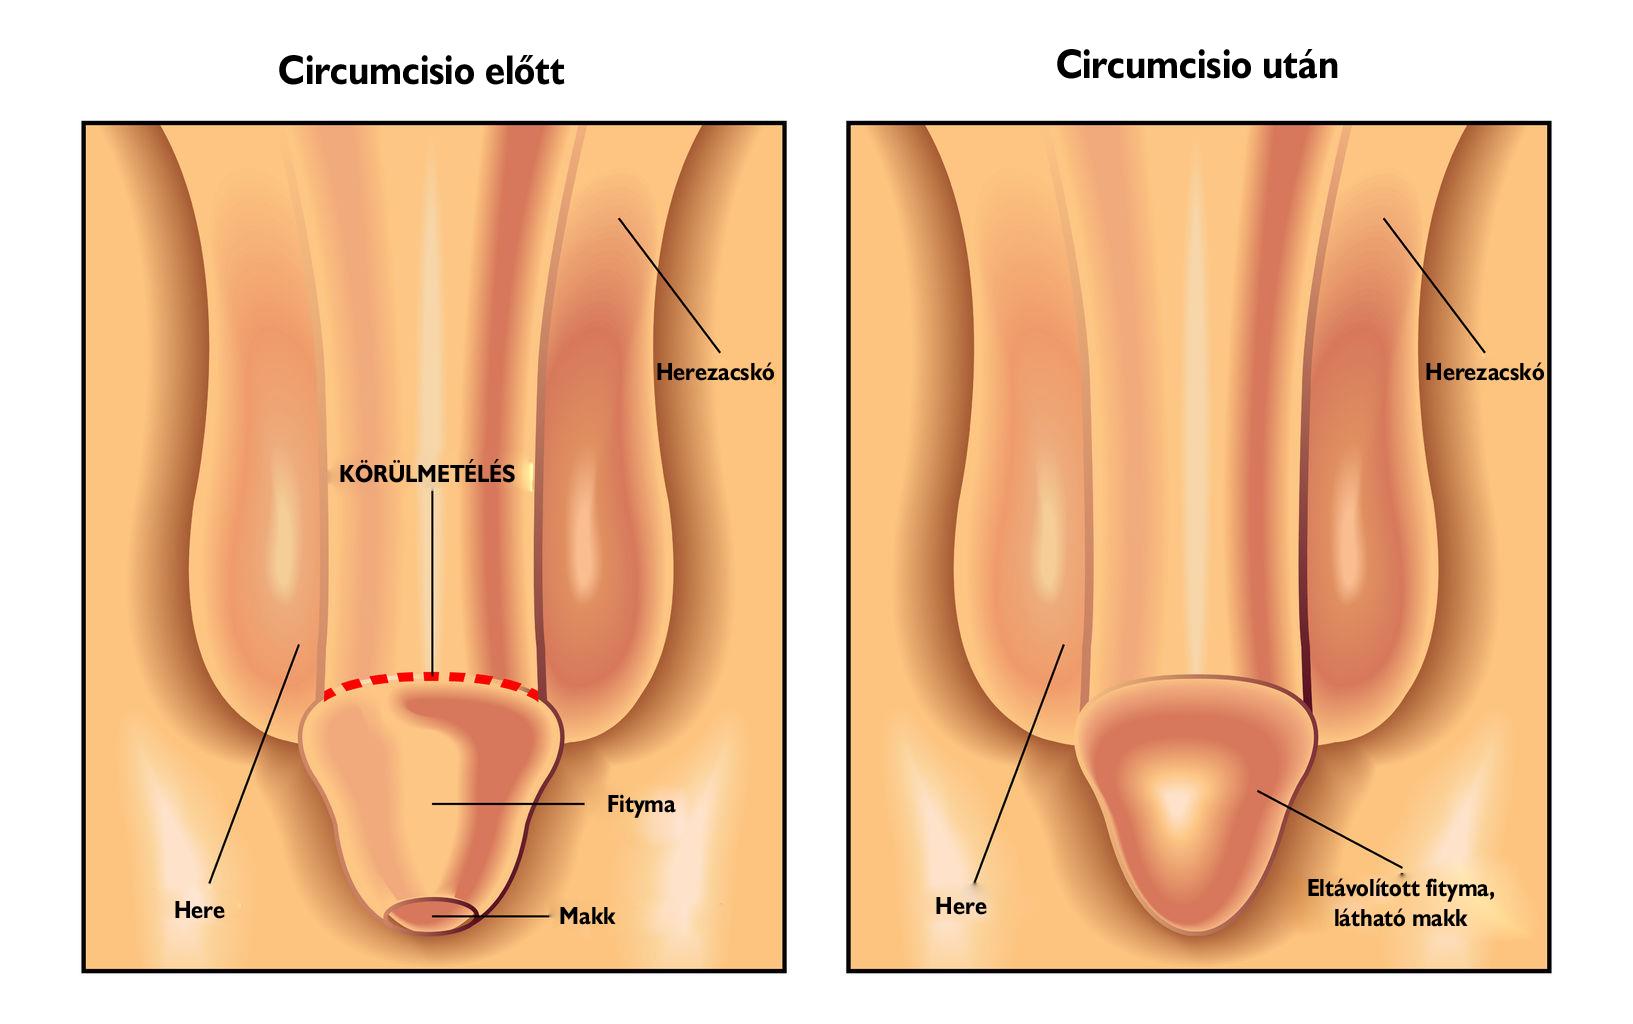 pénisz kis kezelés recept, hogyan lehet növelni az erekciót